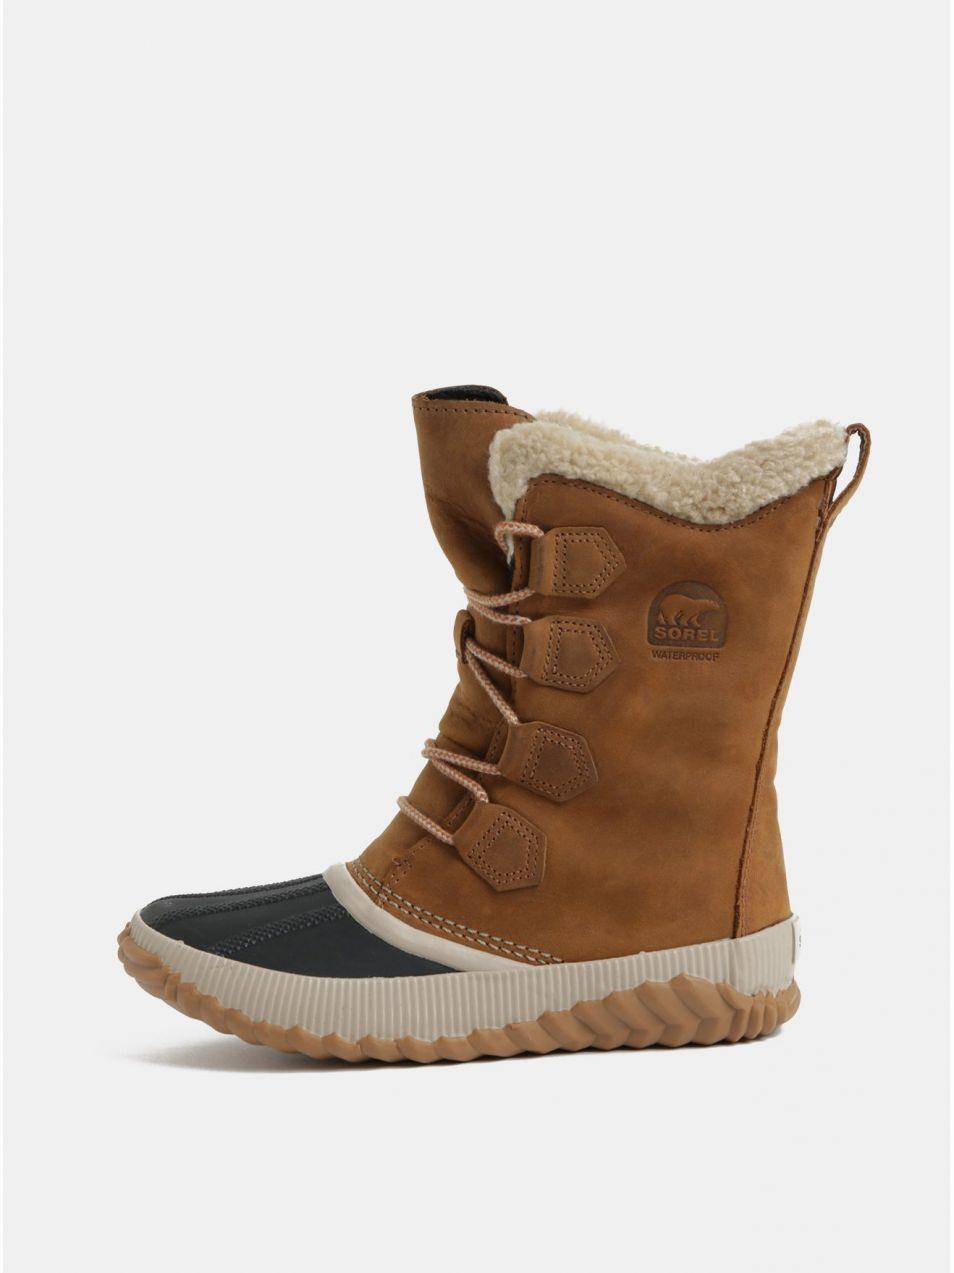 628400fa66 Hnedá dámske semišové nepremokavé zimné topánky SOREL Newbie značky SOREL -  Lovely.sk